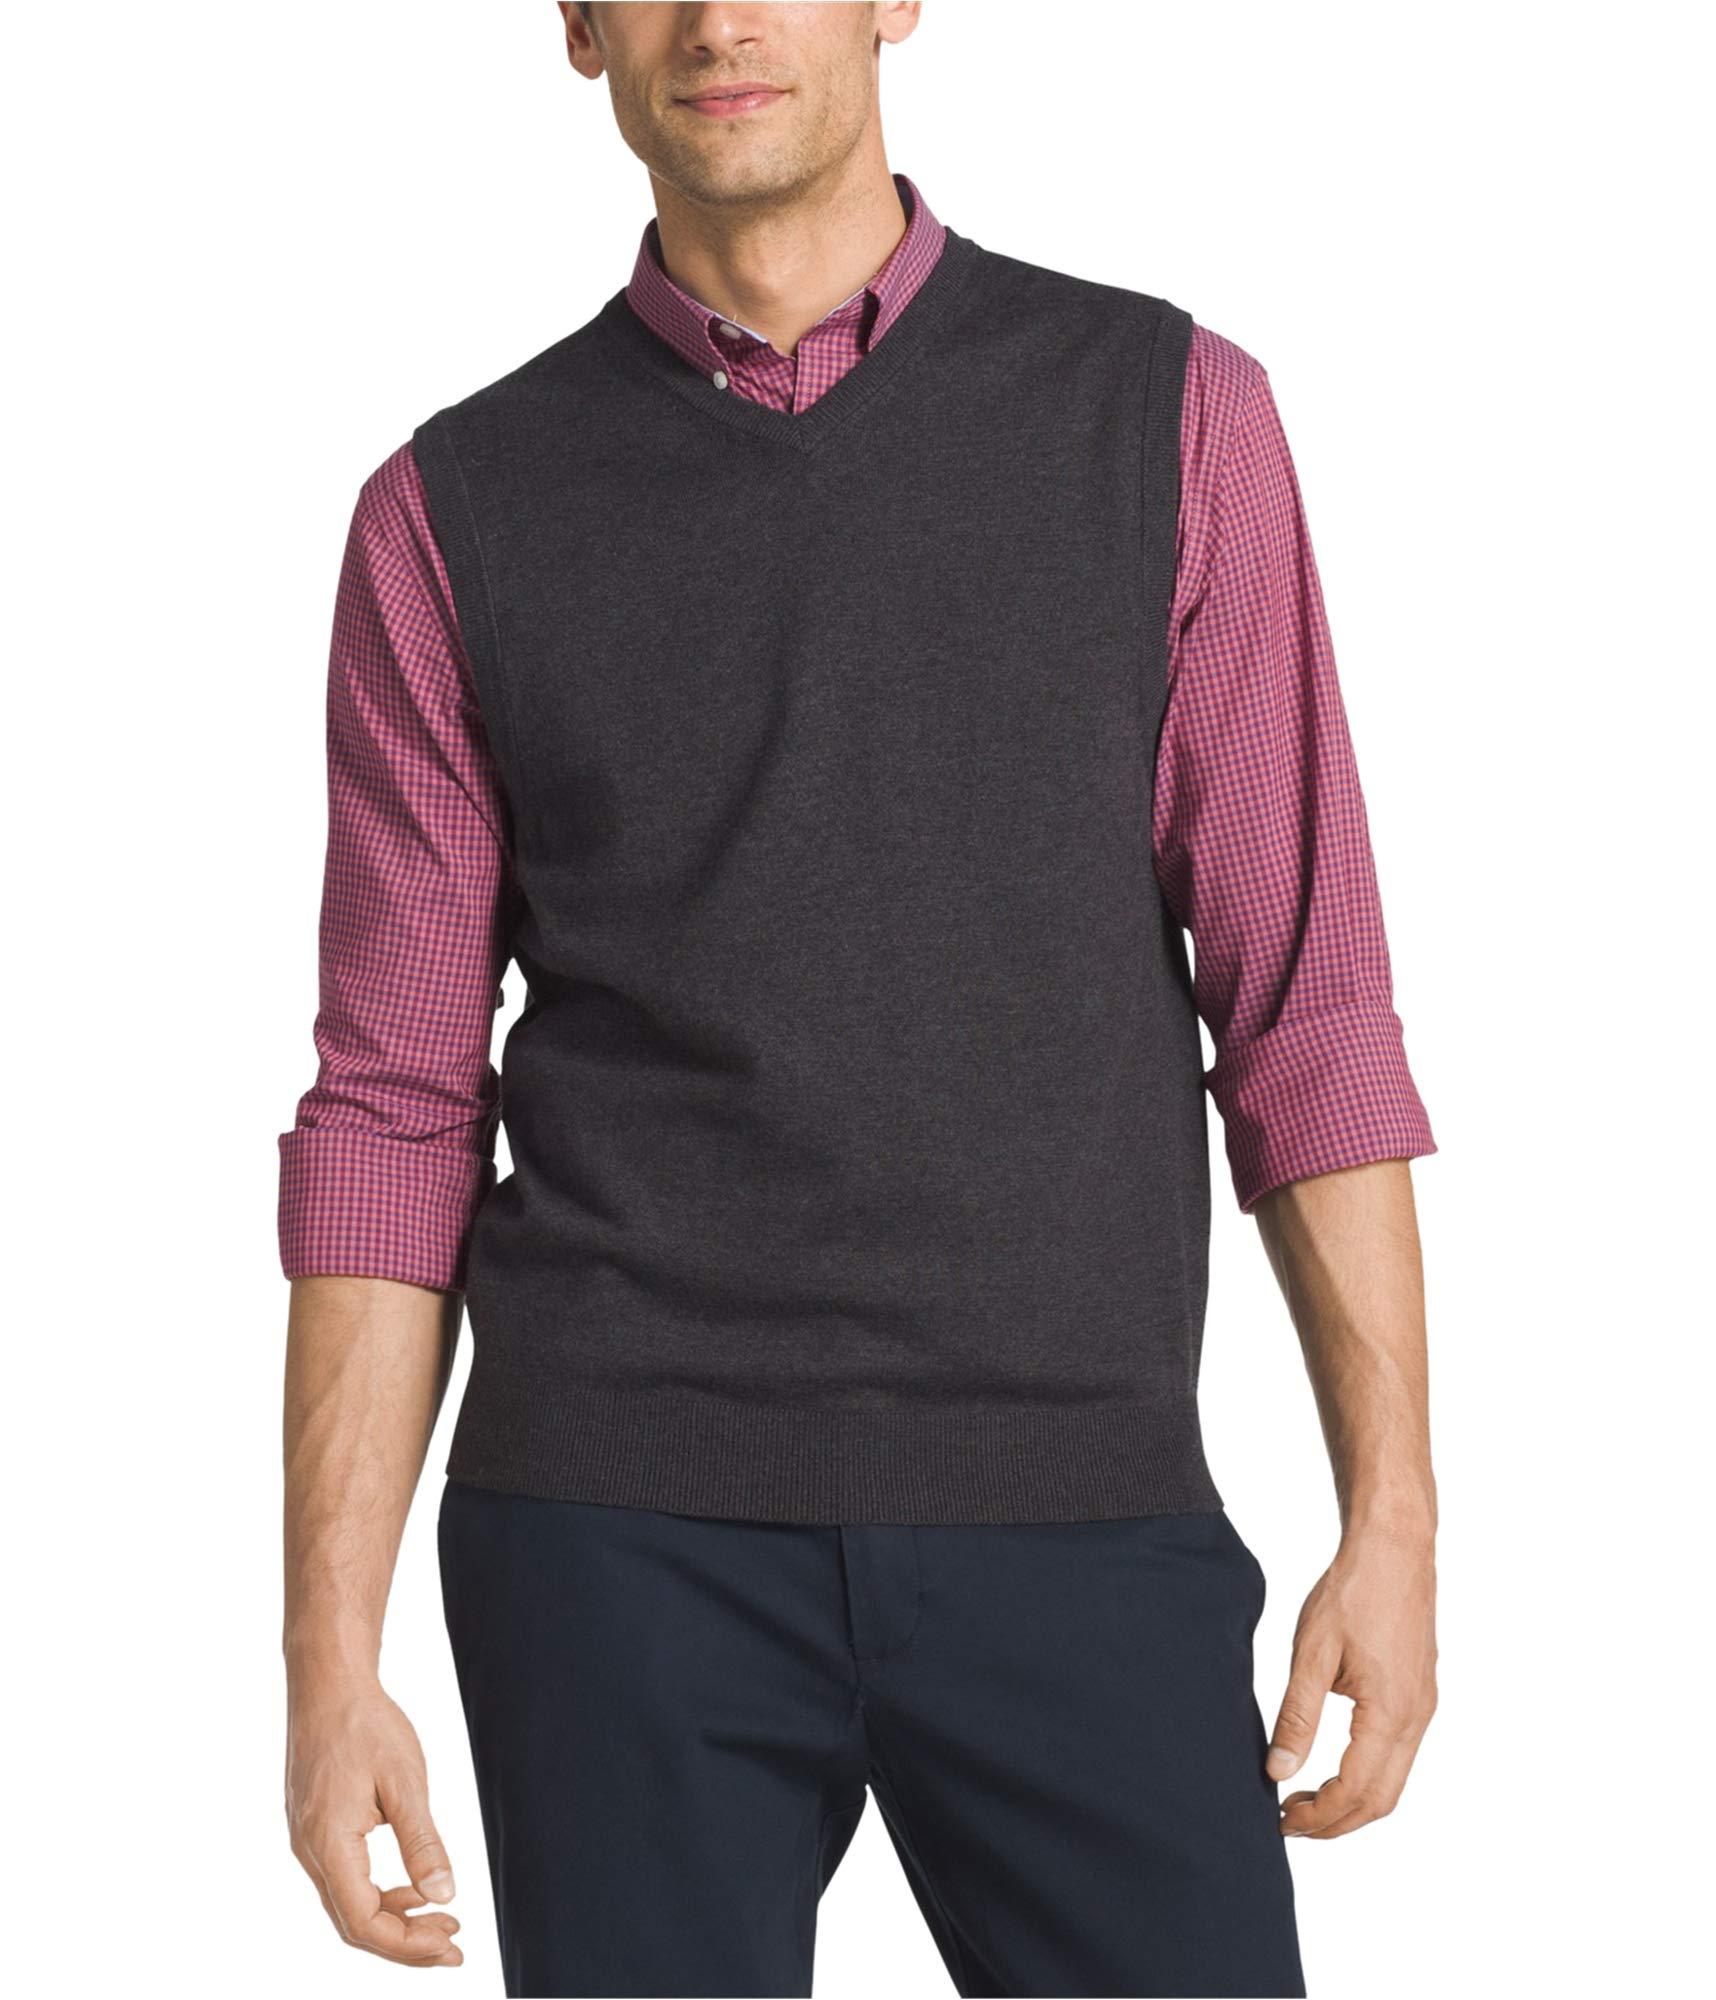 IZOD Men's Fine Gauge Solid Sweater Vest, Black, X-Large